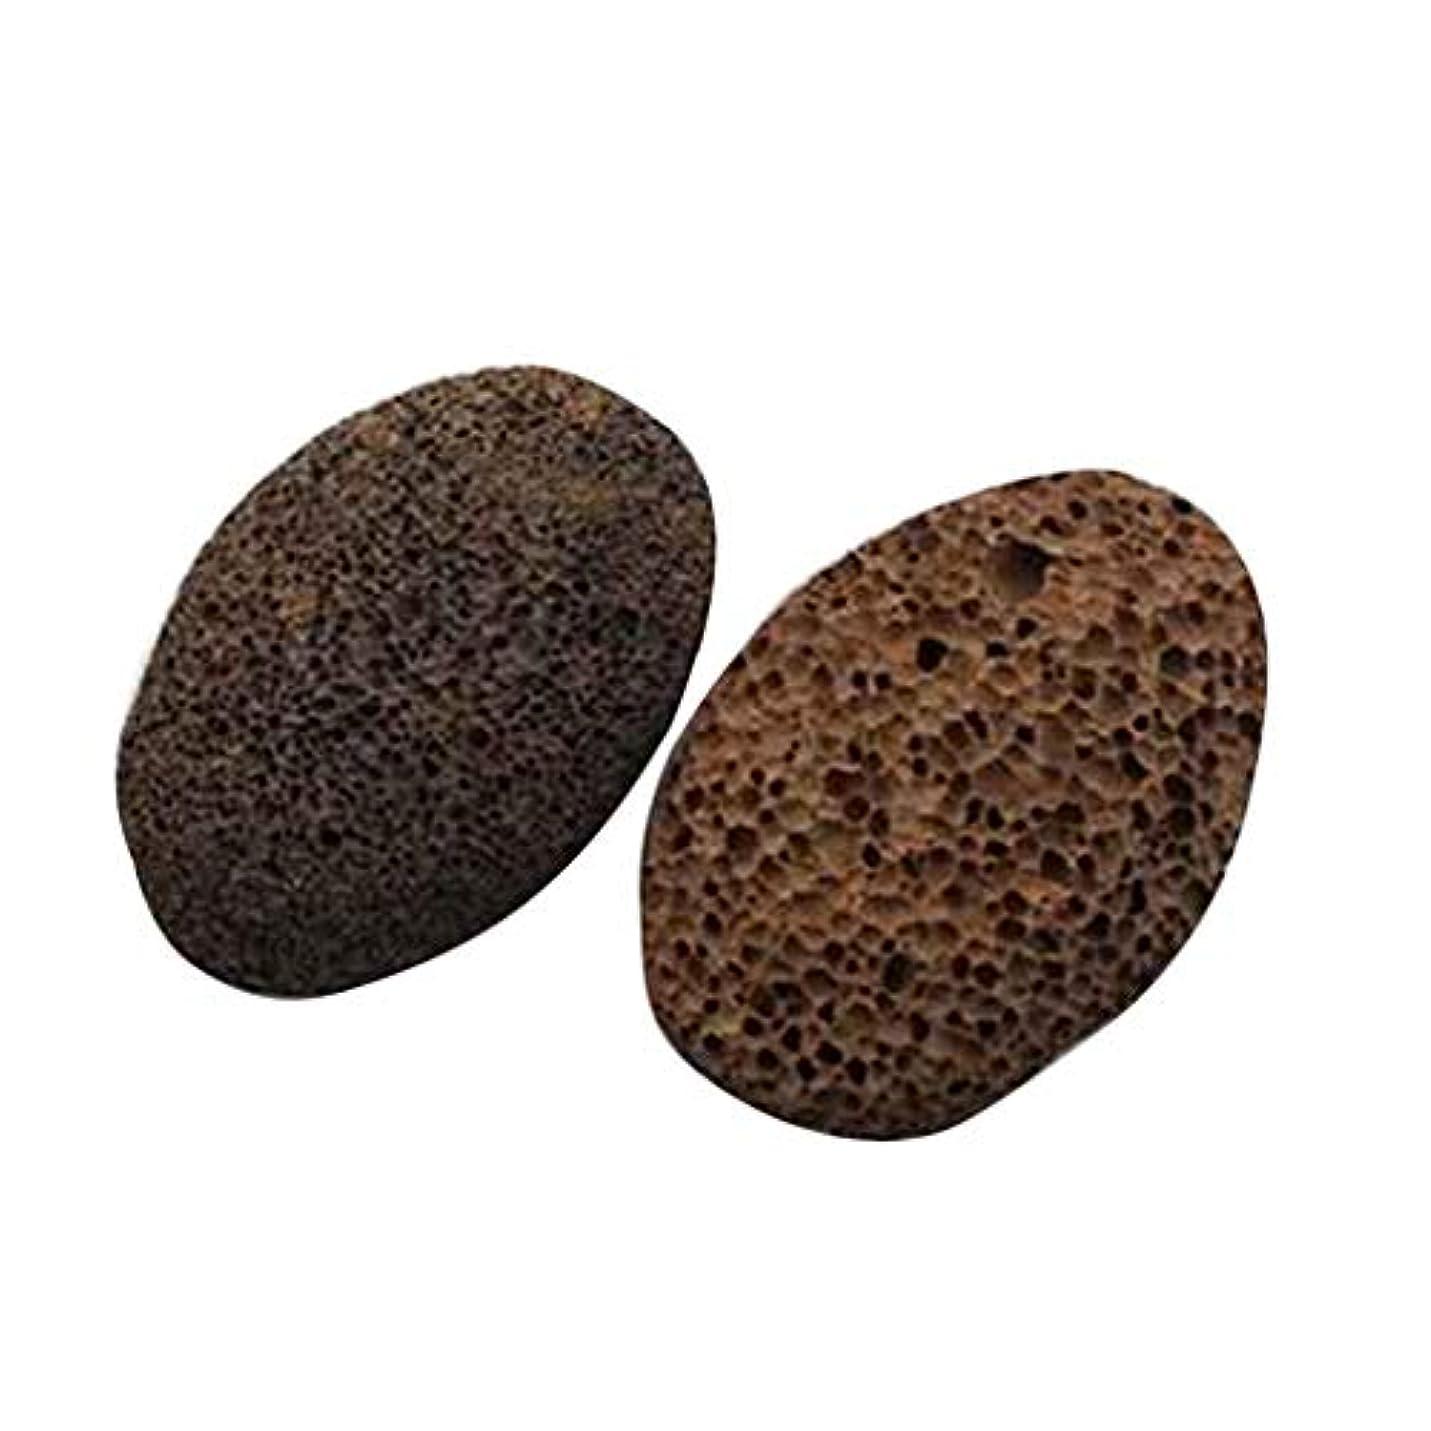 アイザック溶ける考案するCripsly ワイプ足石 死んだ皮軽石を取り除き 足石を挽いて 自然の火山石を剥がします 足マッサージ石 2個セット